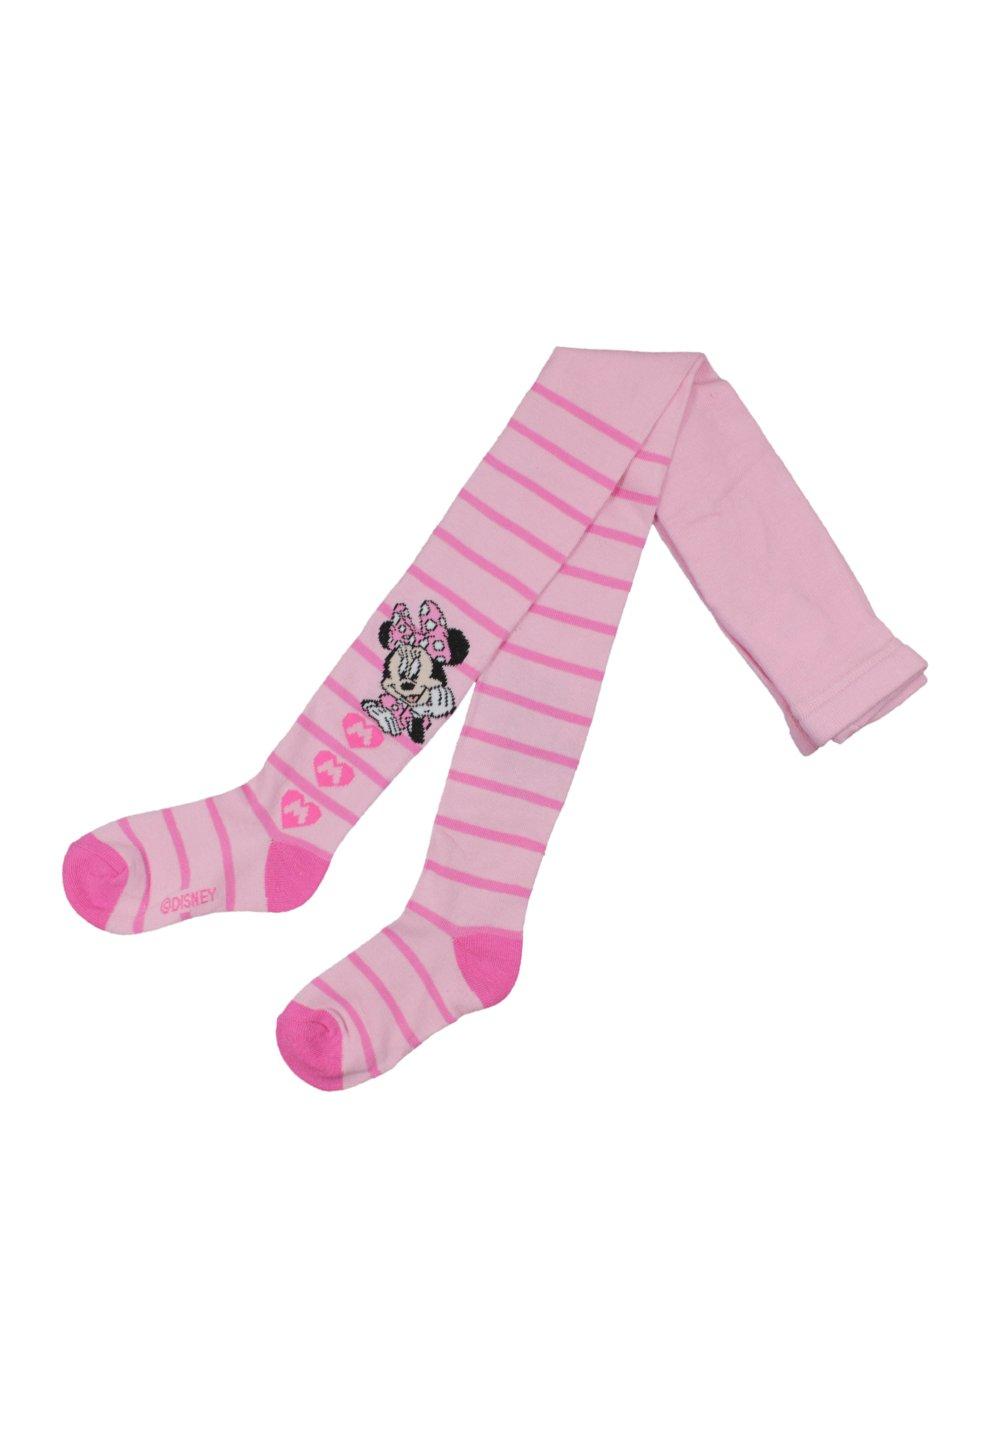 Ciorapi cu chilot, roz cu dungi, Minnie Mouse imagine